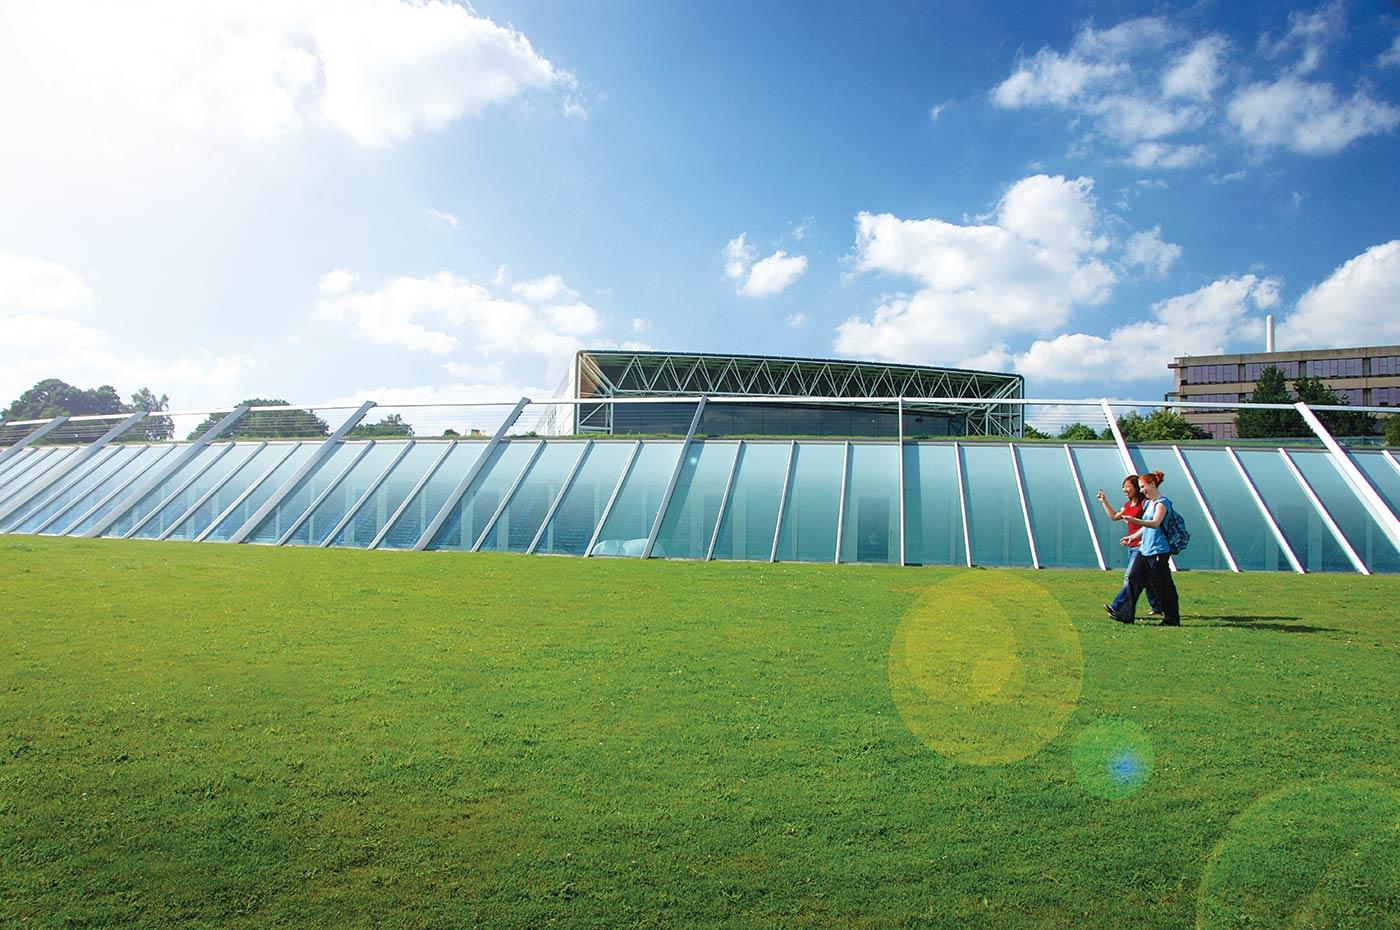 تقع جامعة إيست أنجليا على مساحة تبلغ 200 فدان من المتنزهات الجميلة